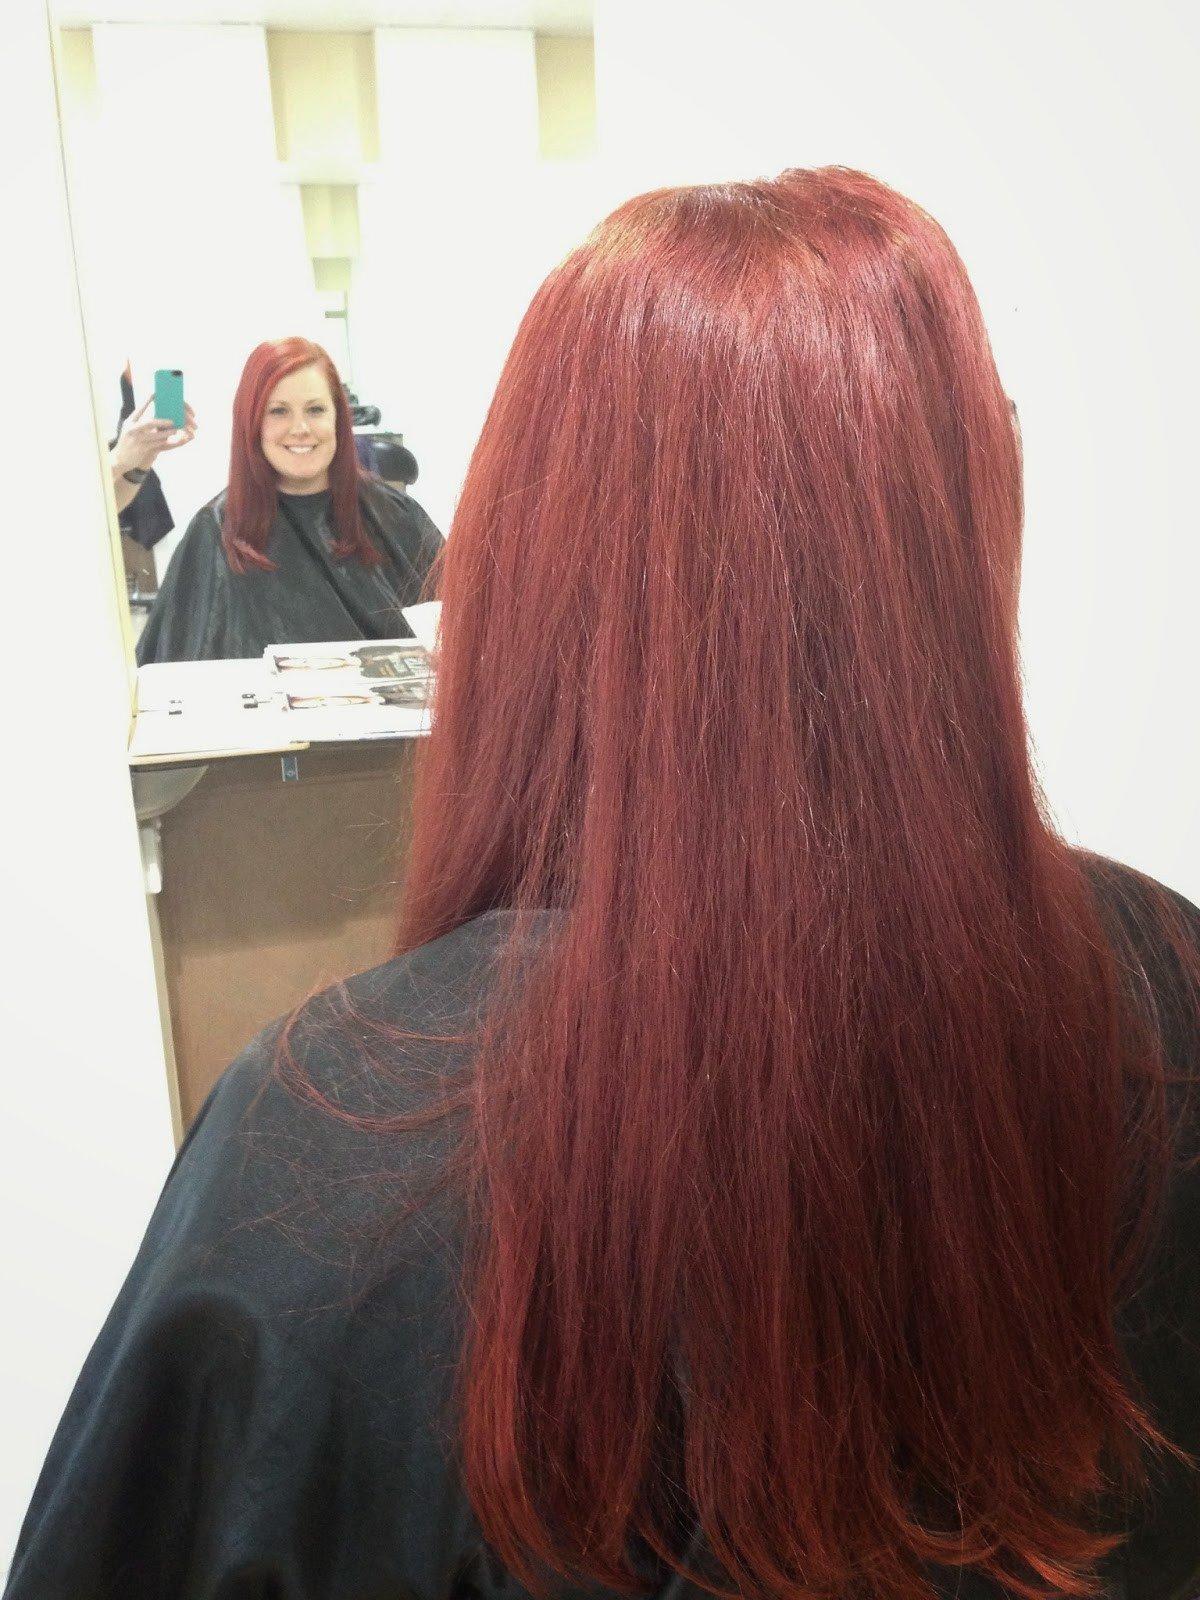 Лунный календарь на март 2019 года стрижек волос - в какие дни лучше красить волосы